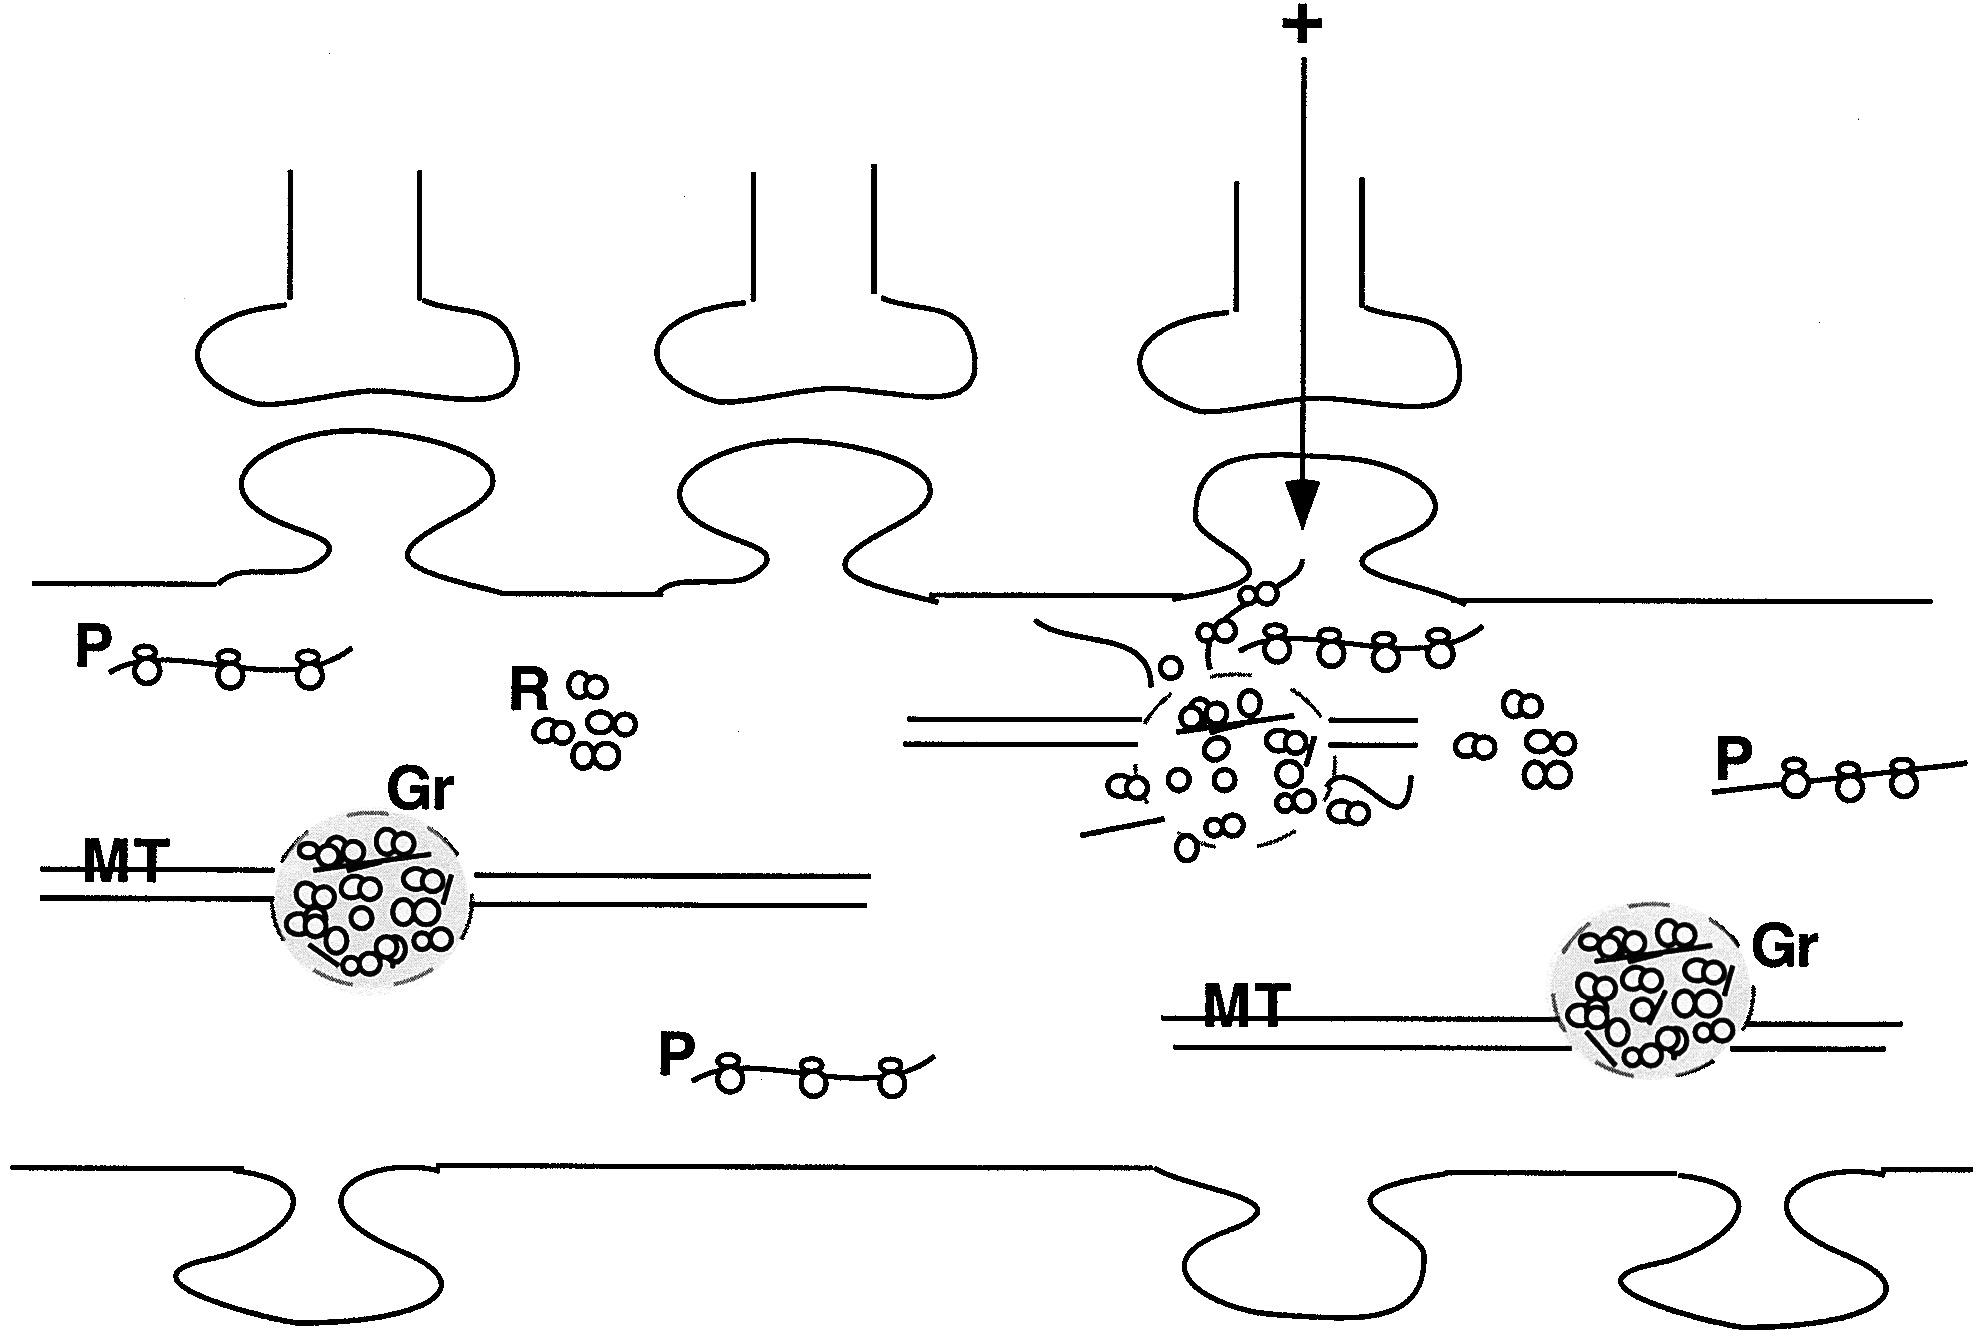 Neuronal Rna Granules Neuron